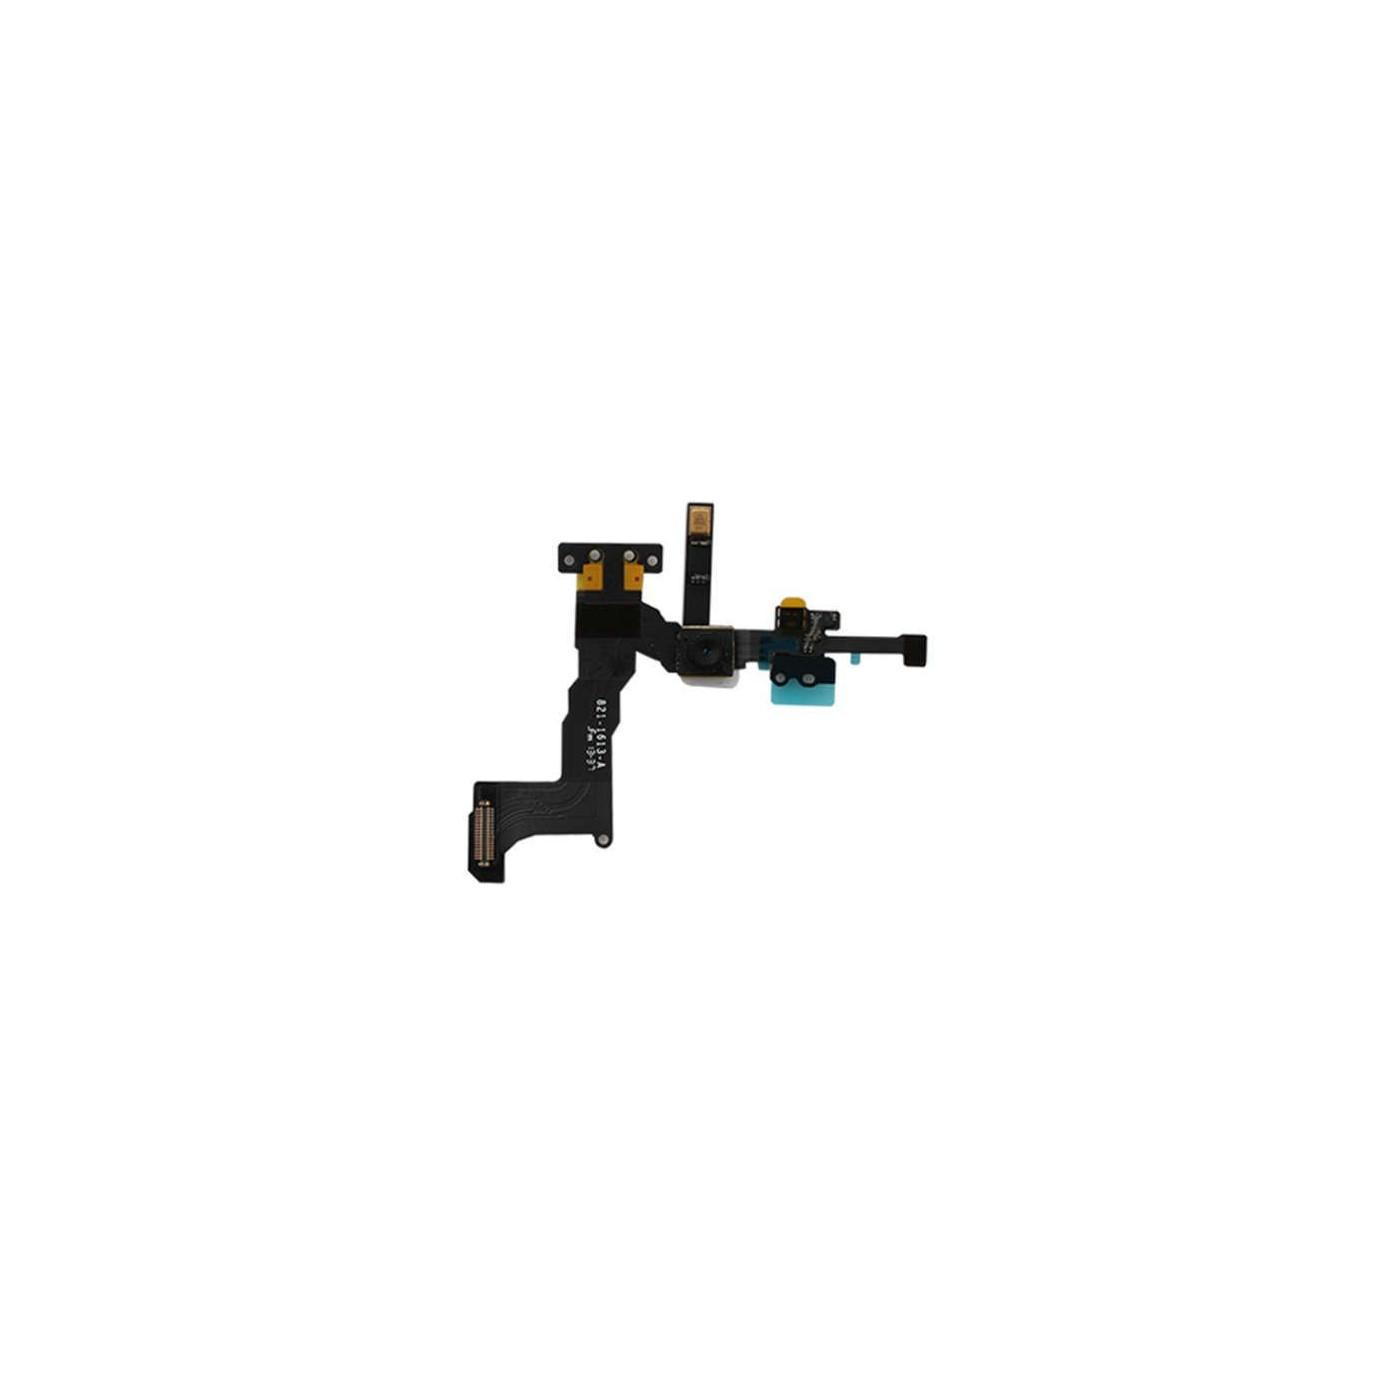 Vordere Frontkamera für iphone 5s Flex Flachkabel Näherungssensor